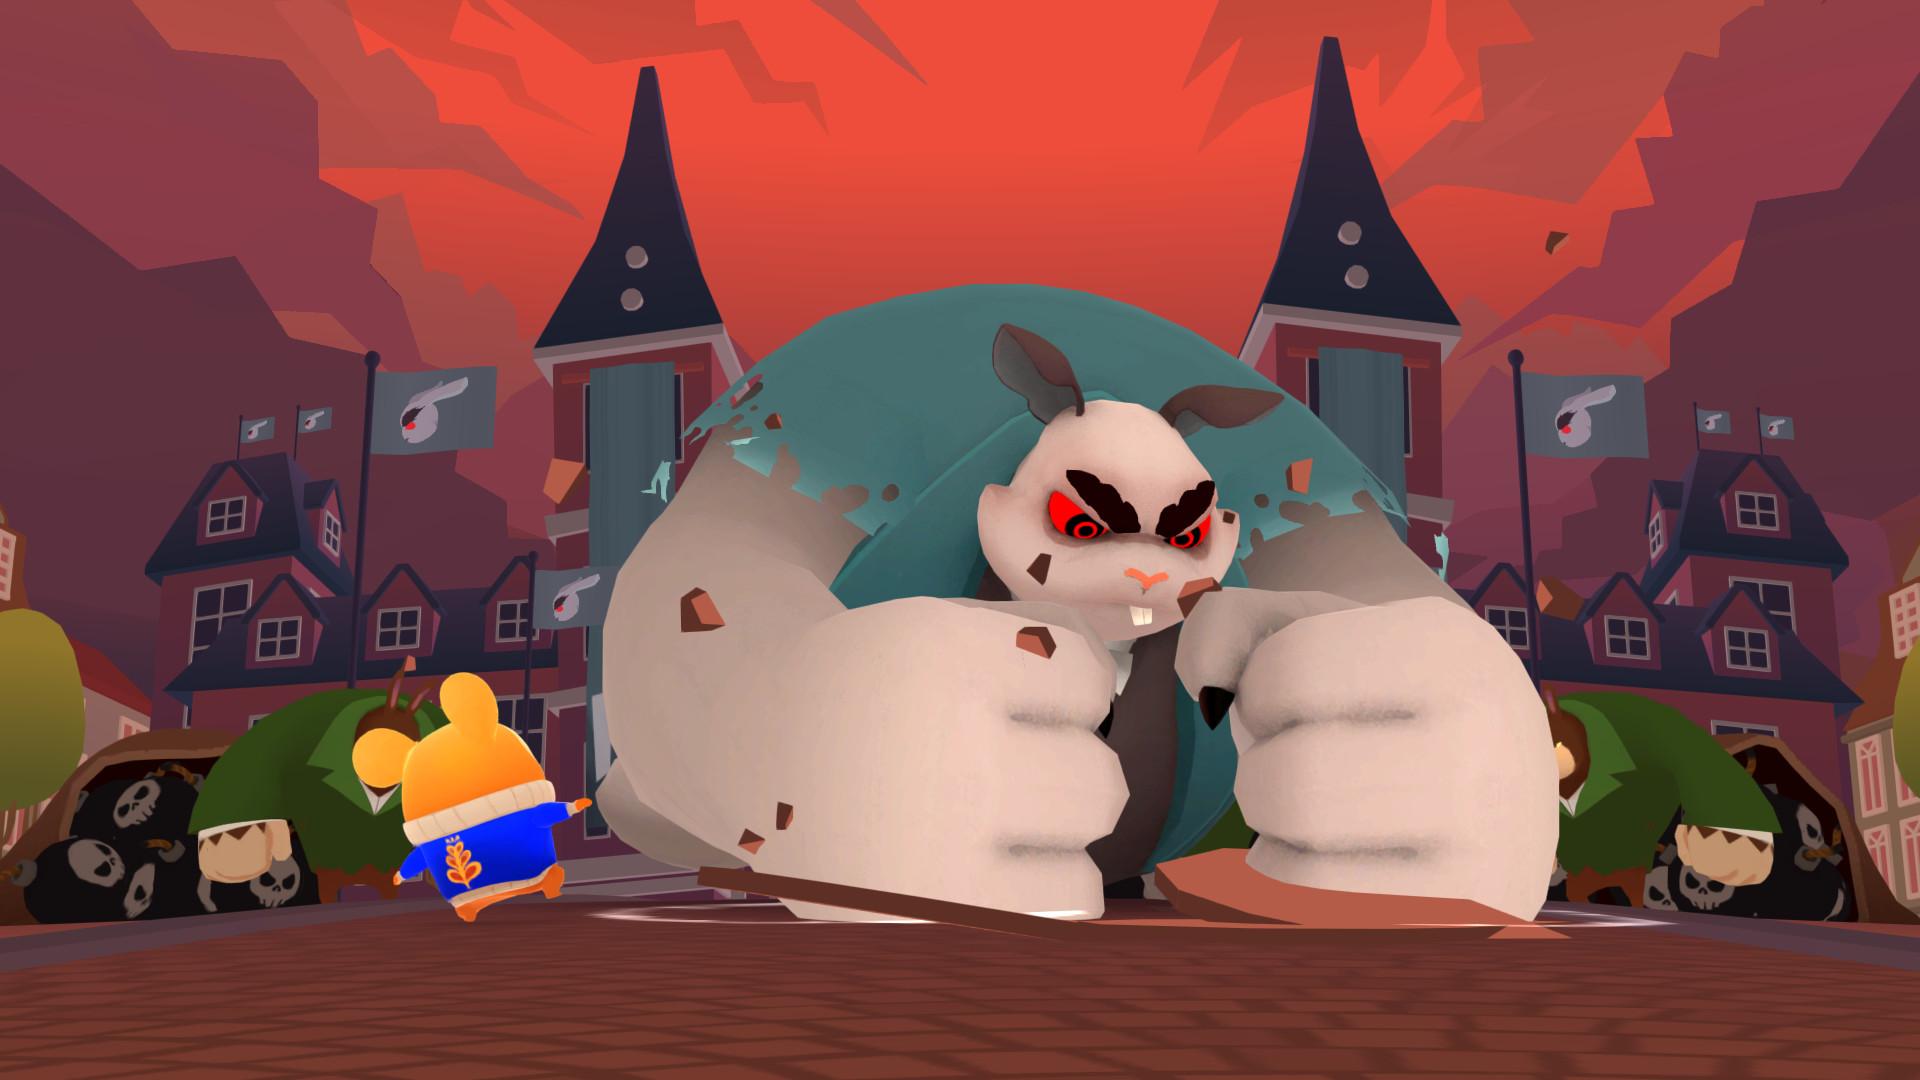 Link Tải Game Hamsterdam Miễn Phí Thành Công